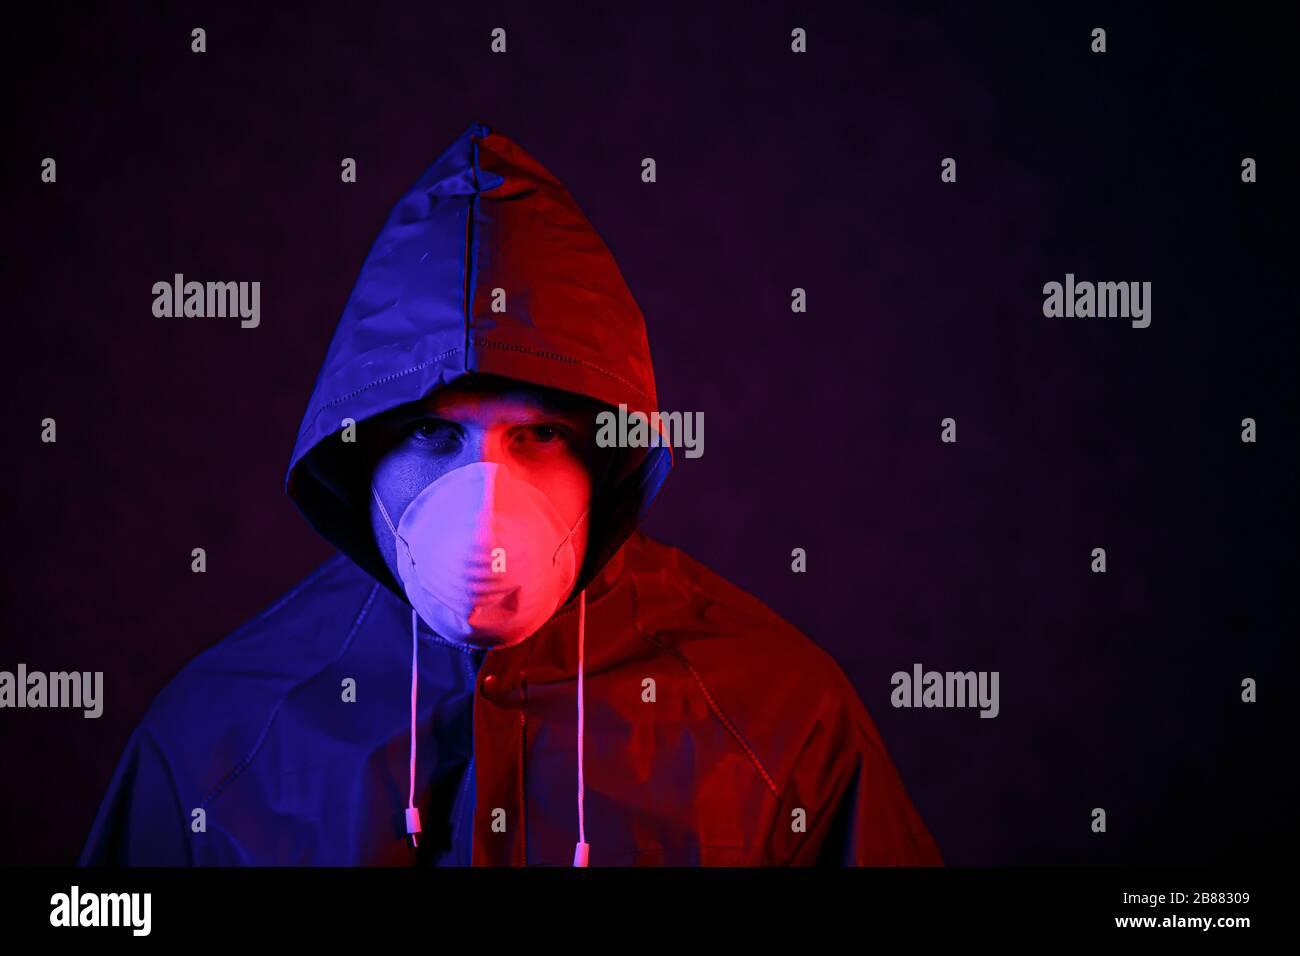 Coronavirus. Ein Mann in Maske und Chemieschutzanzug in Rot und Blau. Kampf gegen den Virus Stockfoto